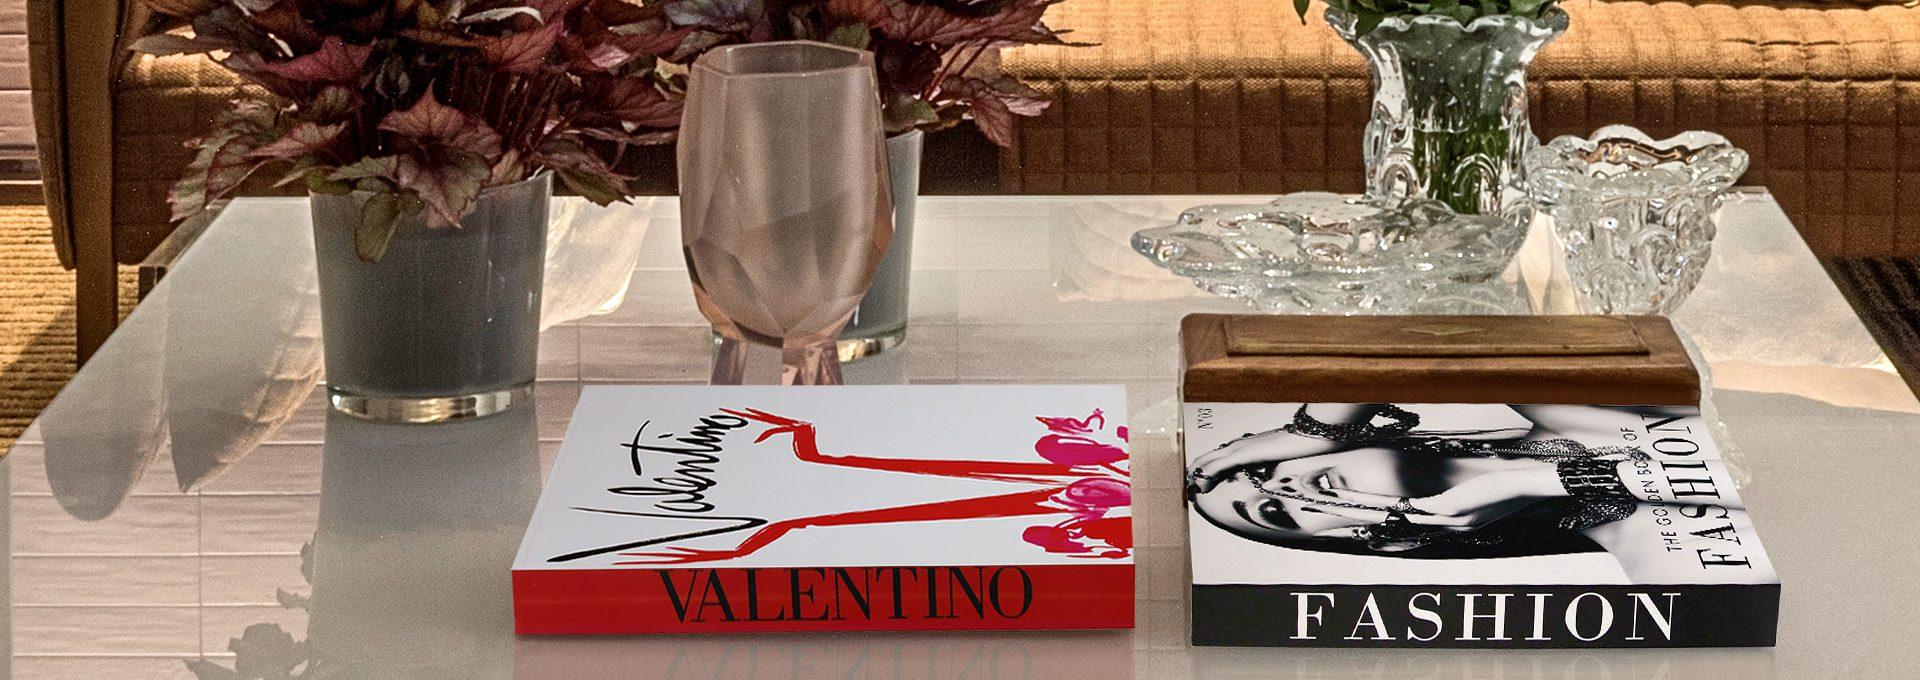 Caixas em formato de livros da Sottile Casa em imagem virtual 3d produzida pelo Studio 25